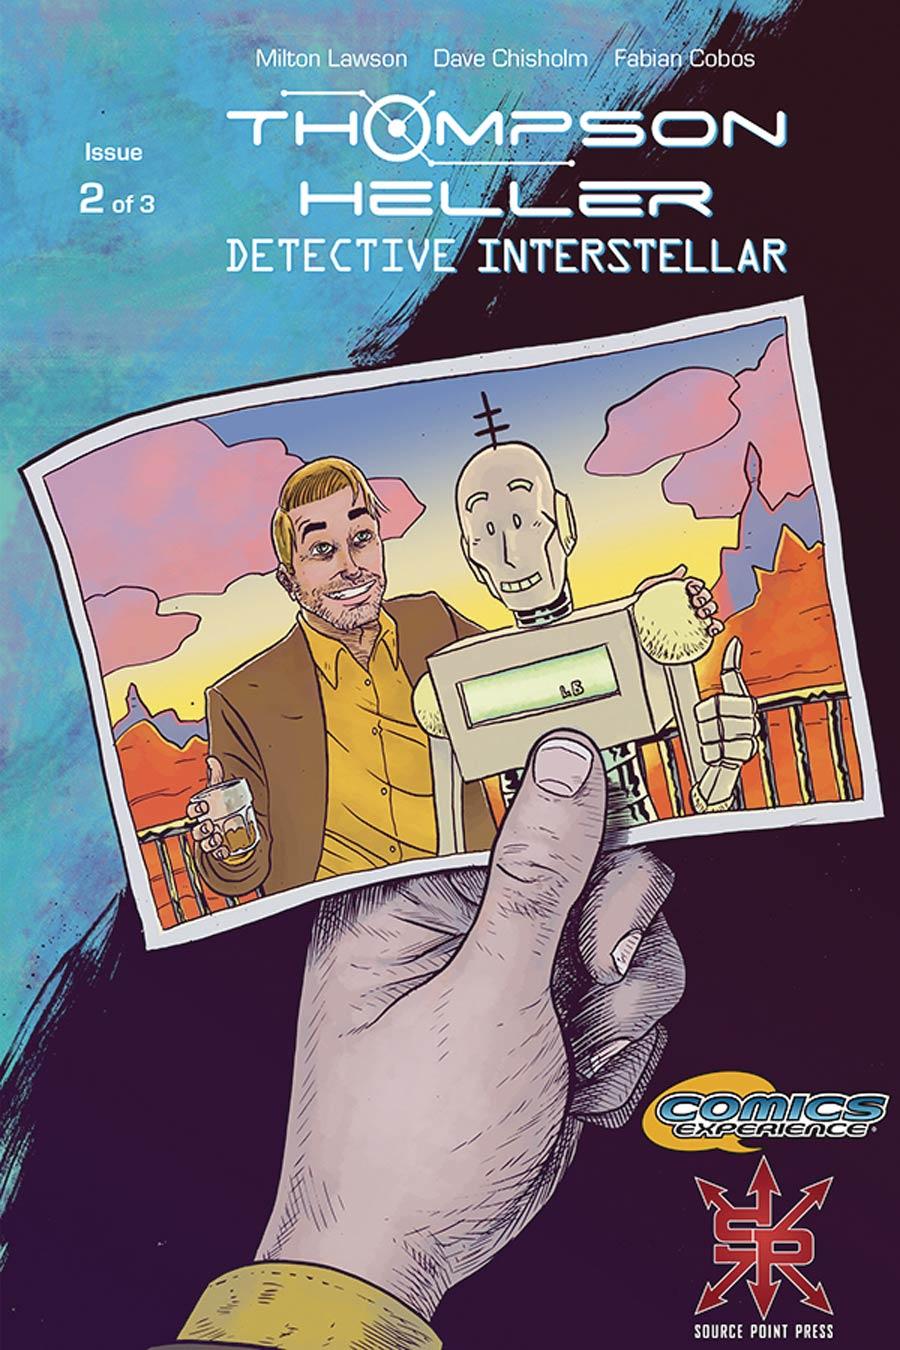 Thompson Heller Detective Interstellar #2